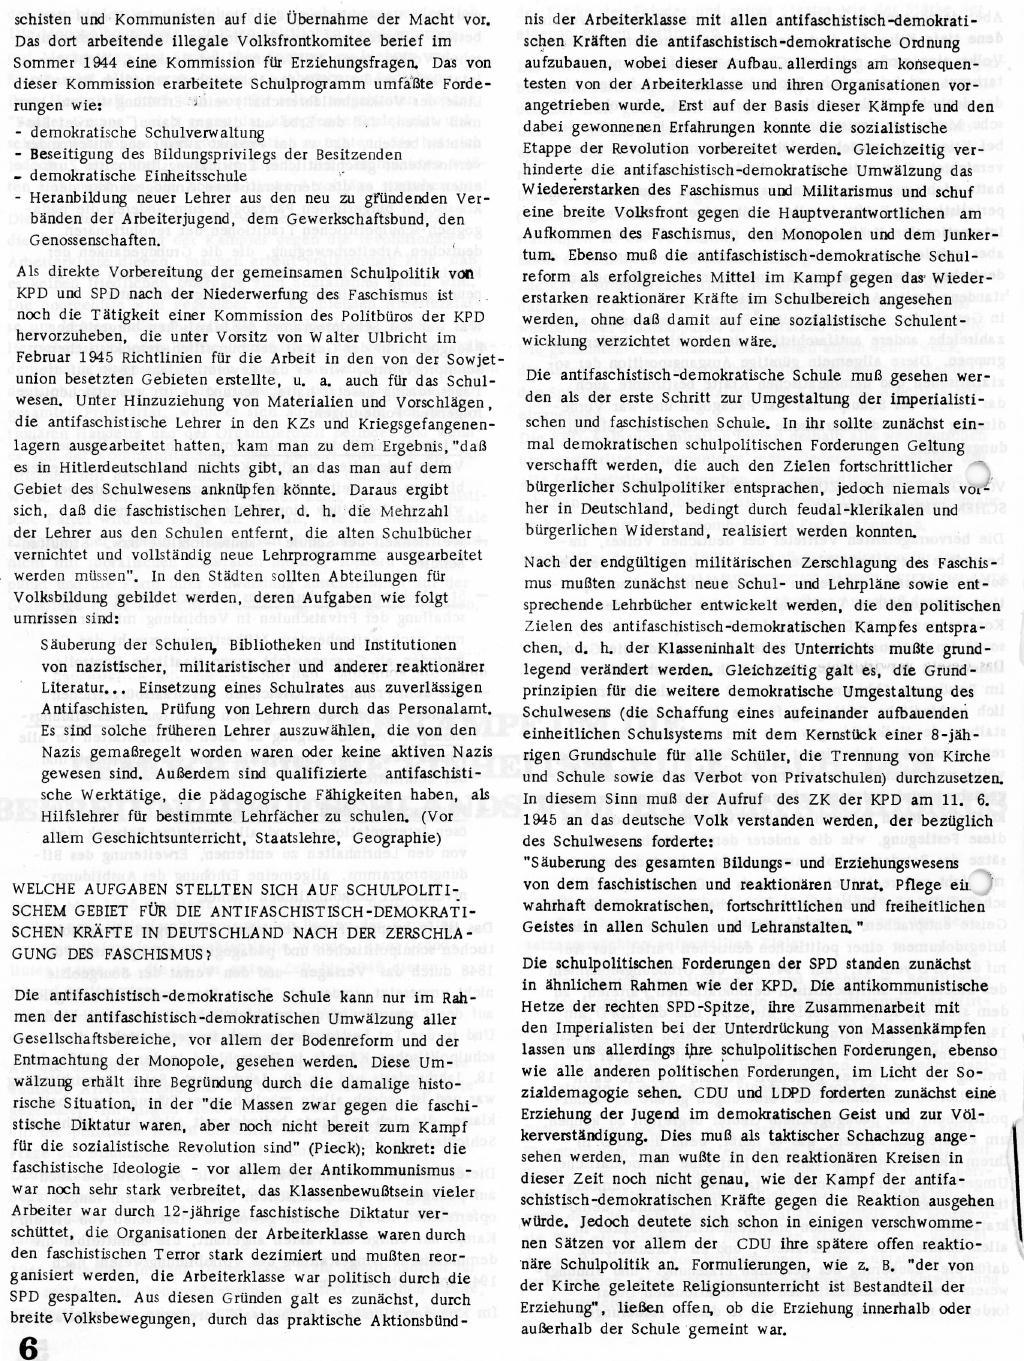 RPK_1971_104_06